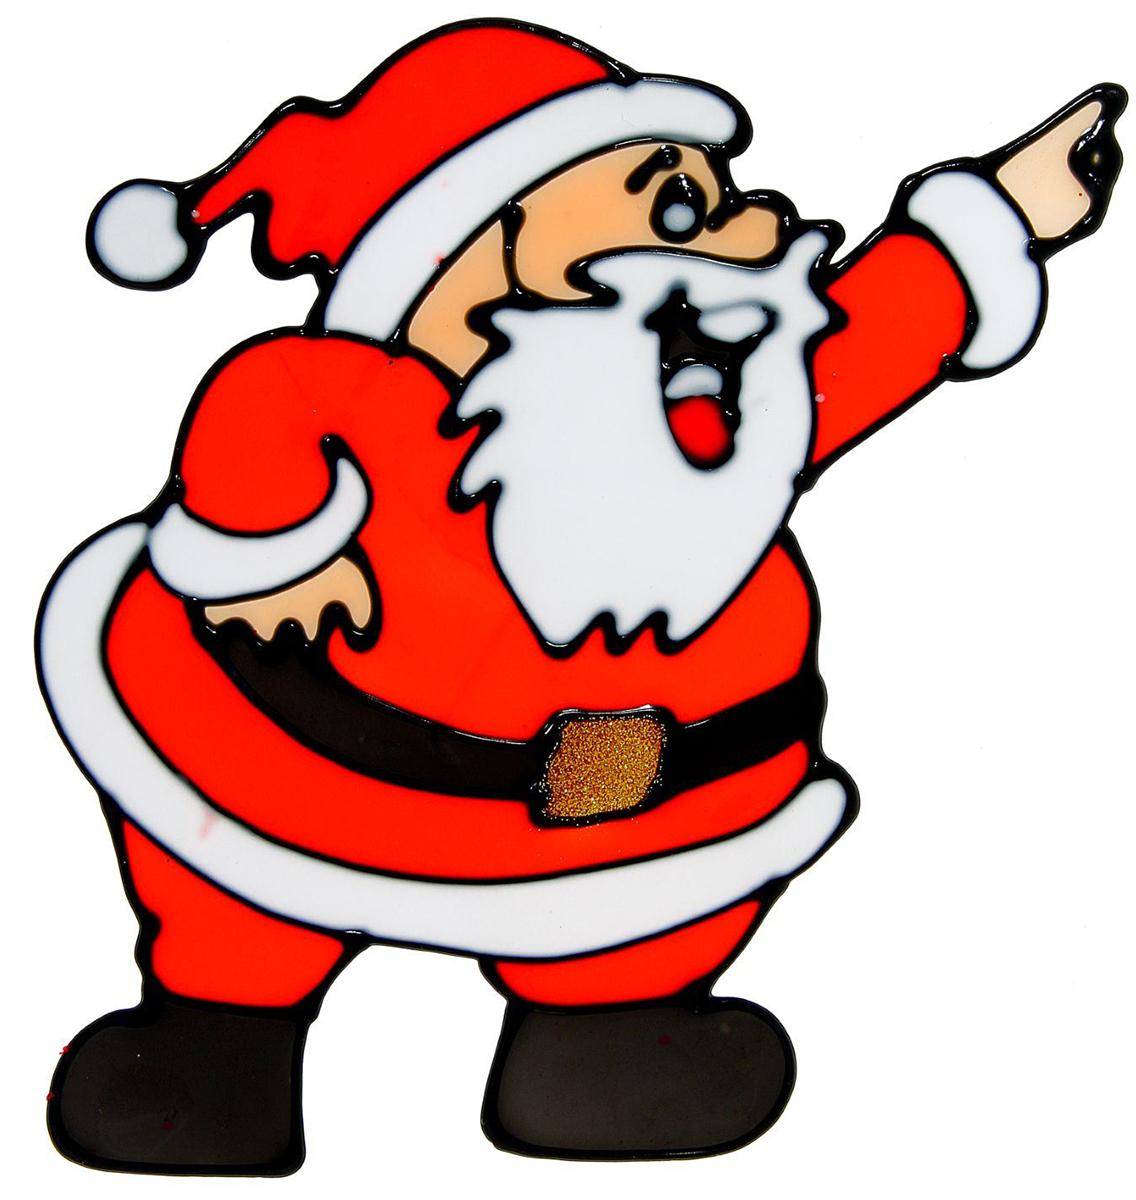 Украшение новогоднее оконное Дед Мороз волшебник,12,5 х 17,5 см фигурки sweet home ёлочное украшение дед мороз